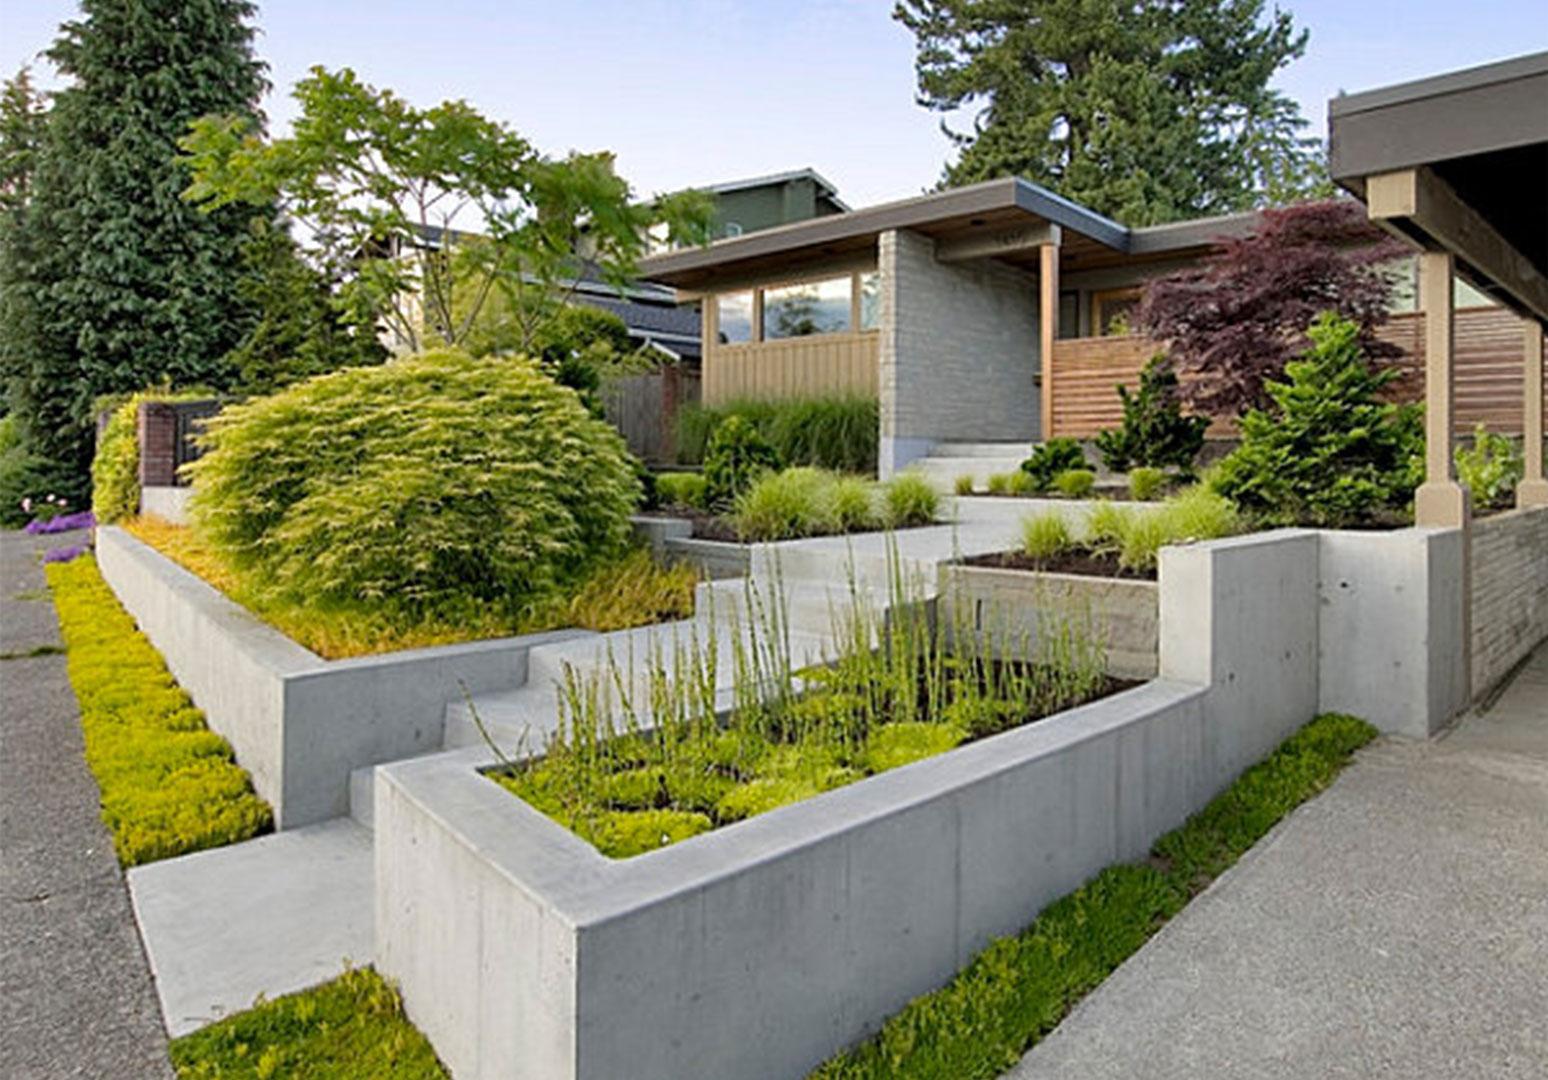 30 Desain Taman Depan Rumah Minimalis Modern Rumahku Unik